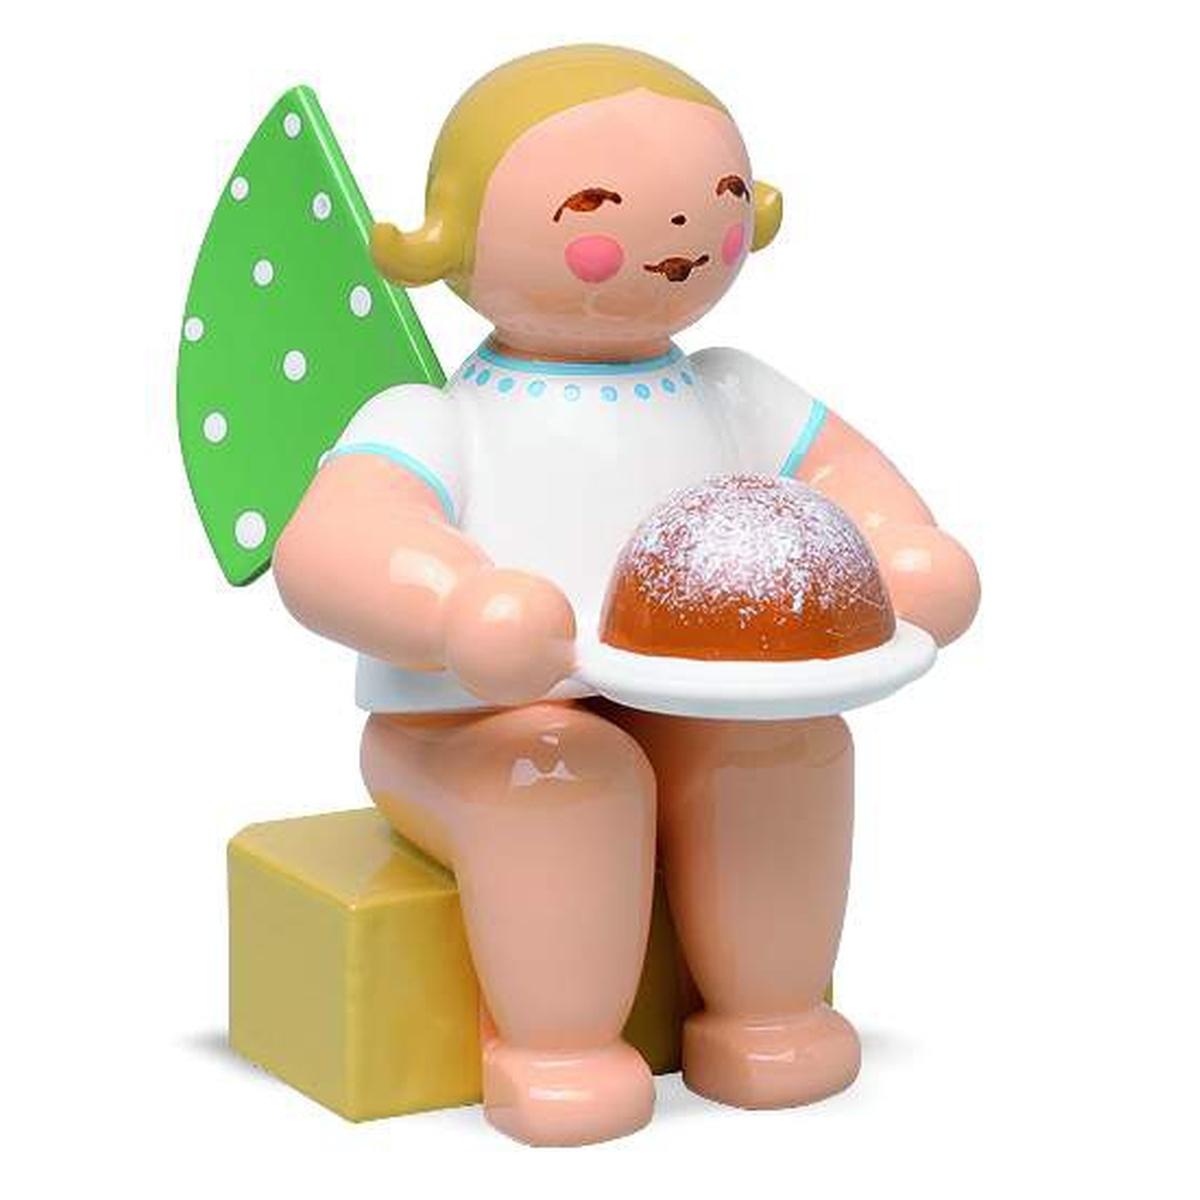 Engel klein mit kuchen von wendt und k hn f r 25 7 kaufen for Kuchen sofort lieferbar